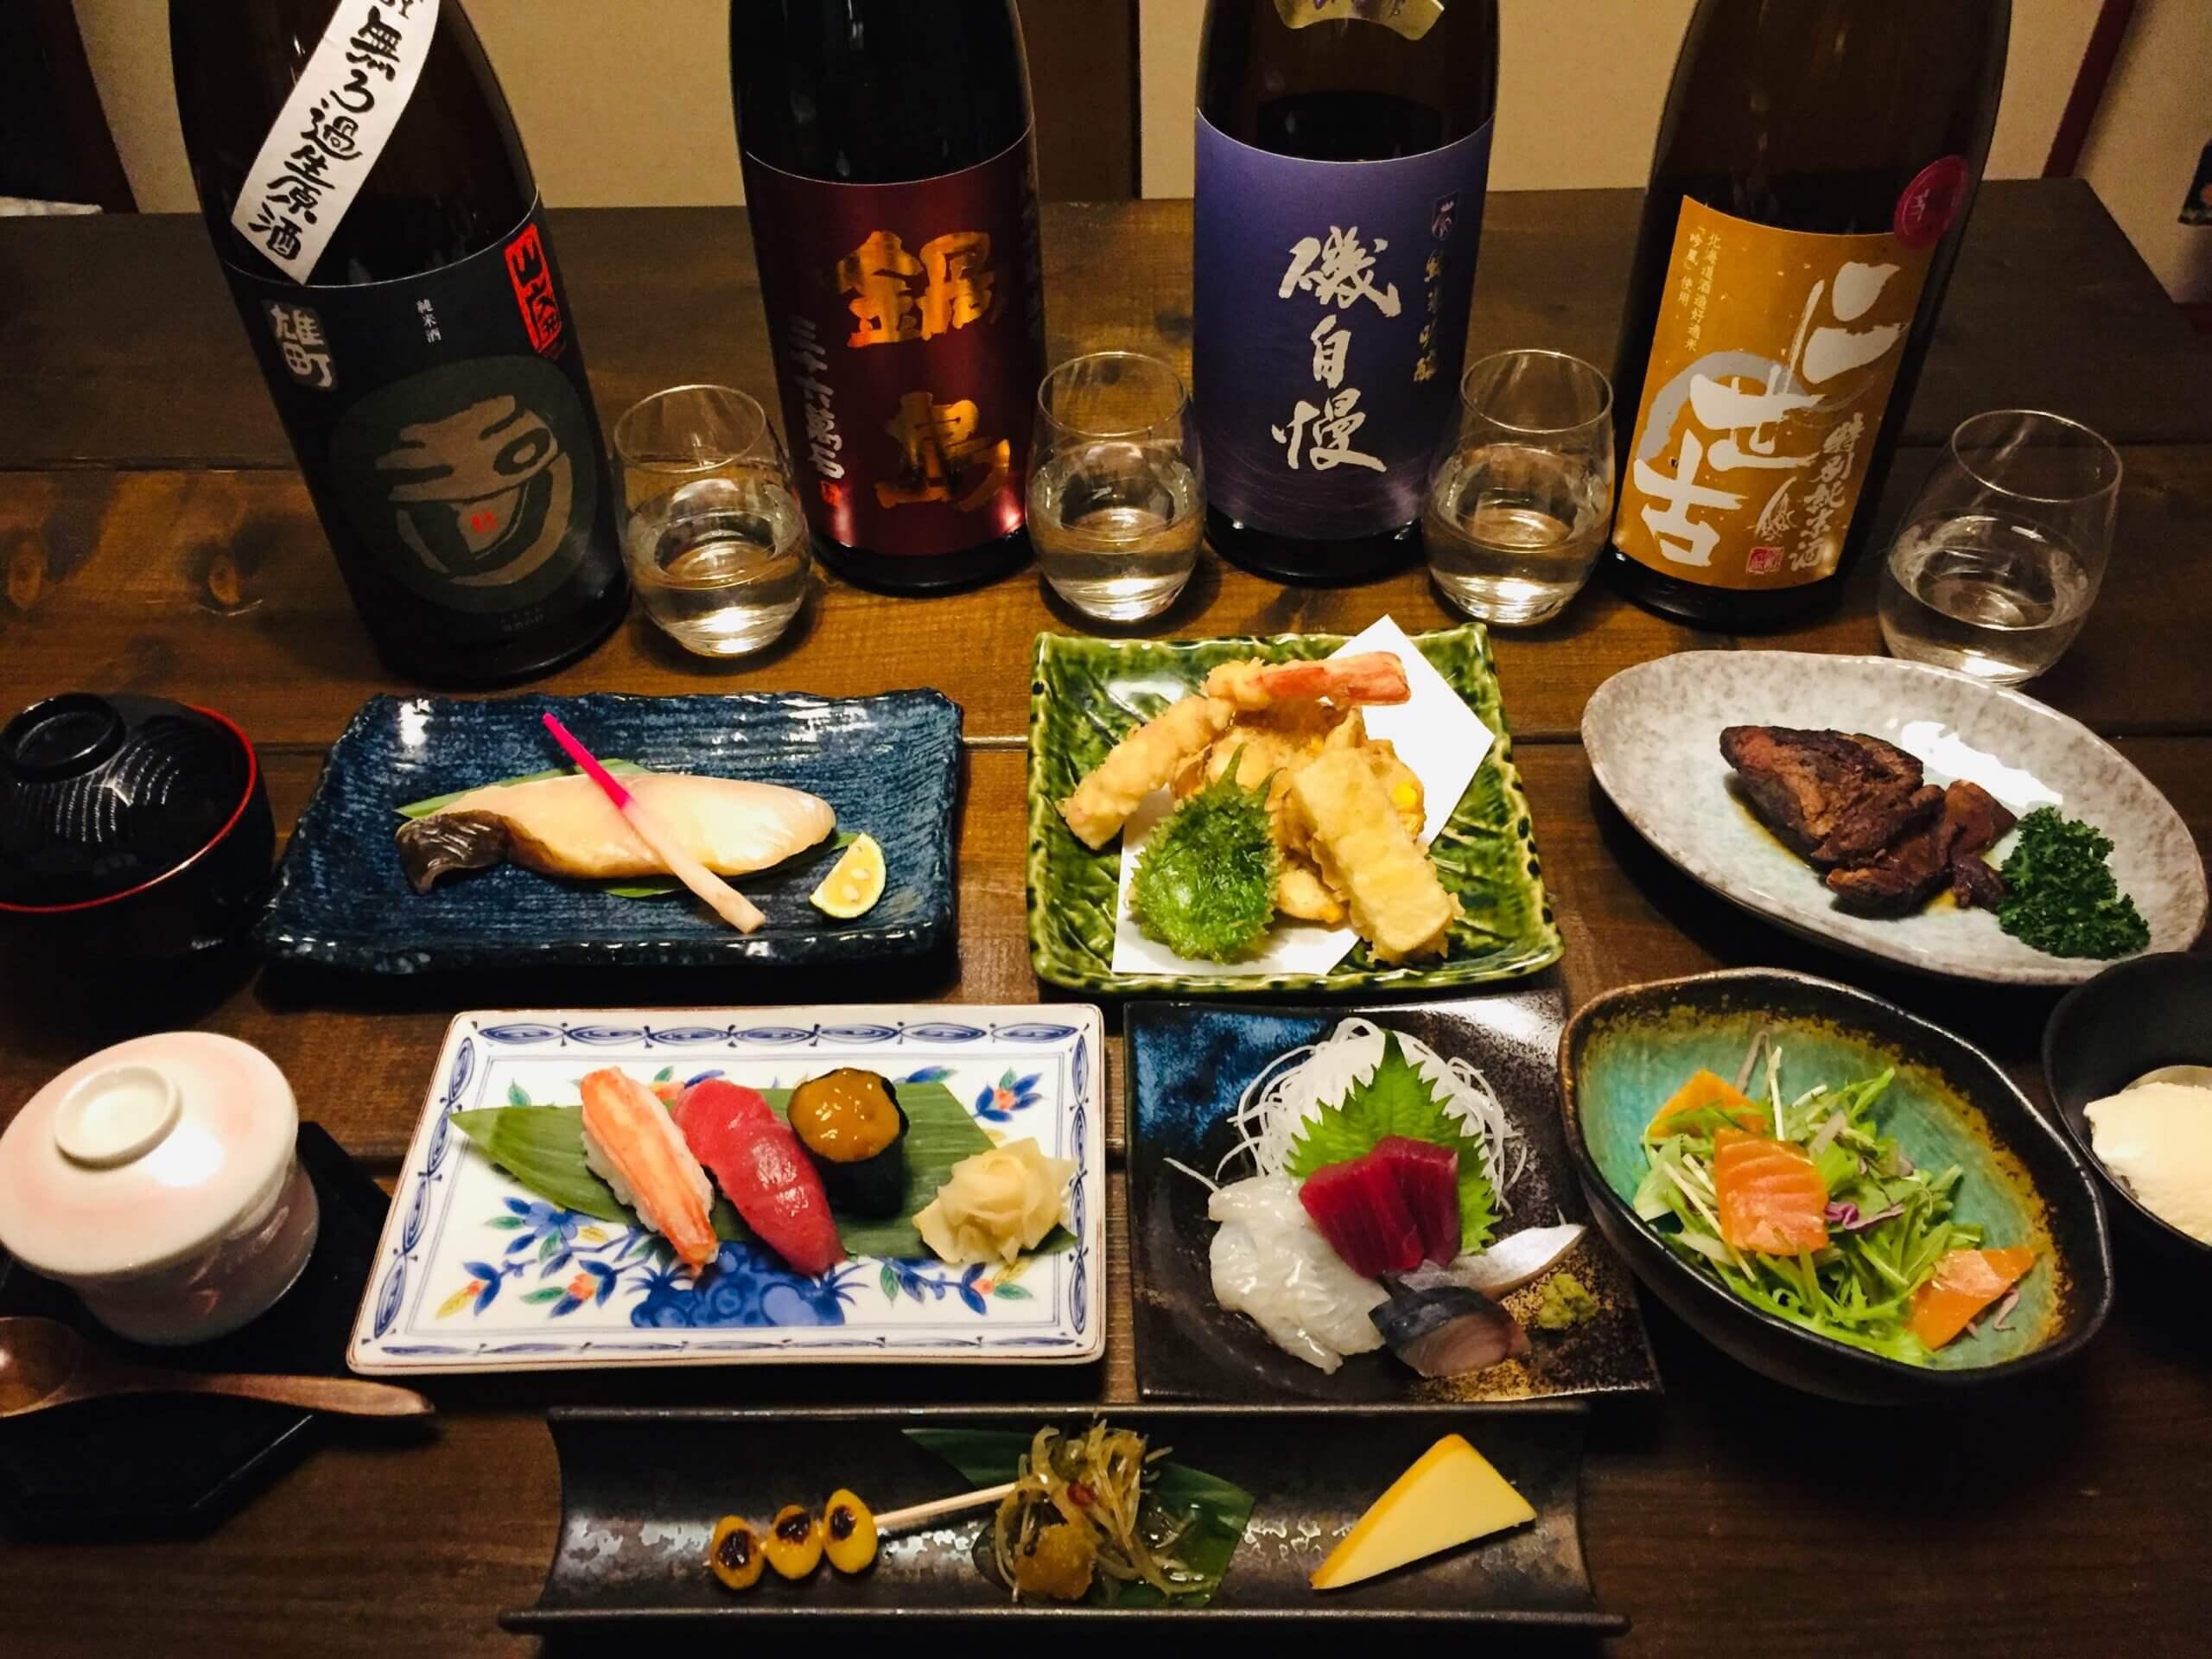 體驗以函館的新鮮食材製作壽司「旬鮮酒家 櫻路」